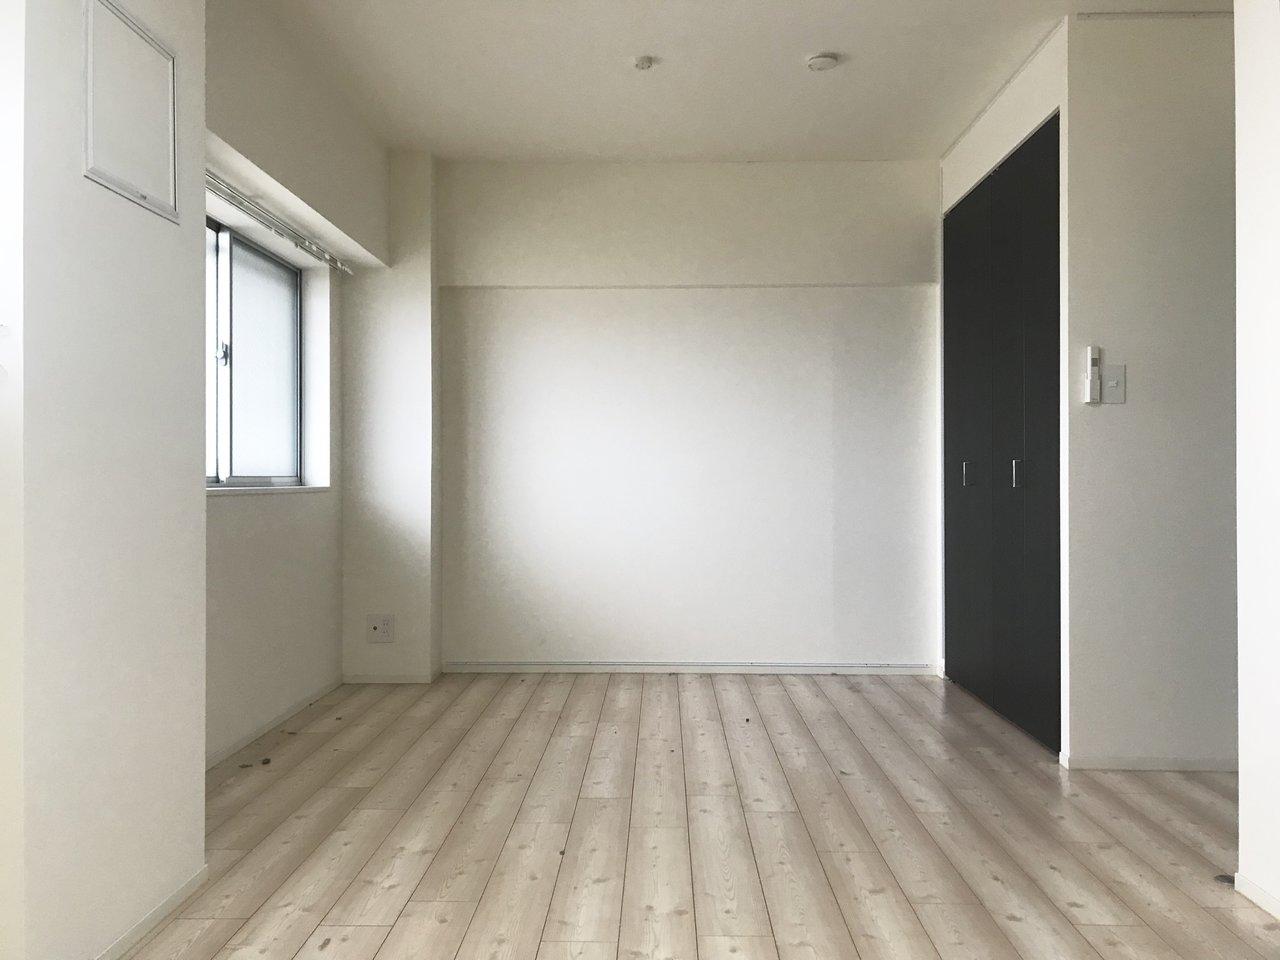 2つめの洋室はこちら。落ち着いた色合いの床もいいですね。収納スペースも奥行きがあって、使い勝手がよさそうです。